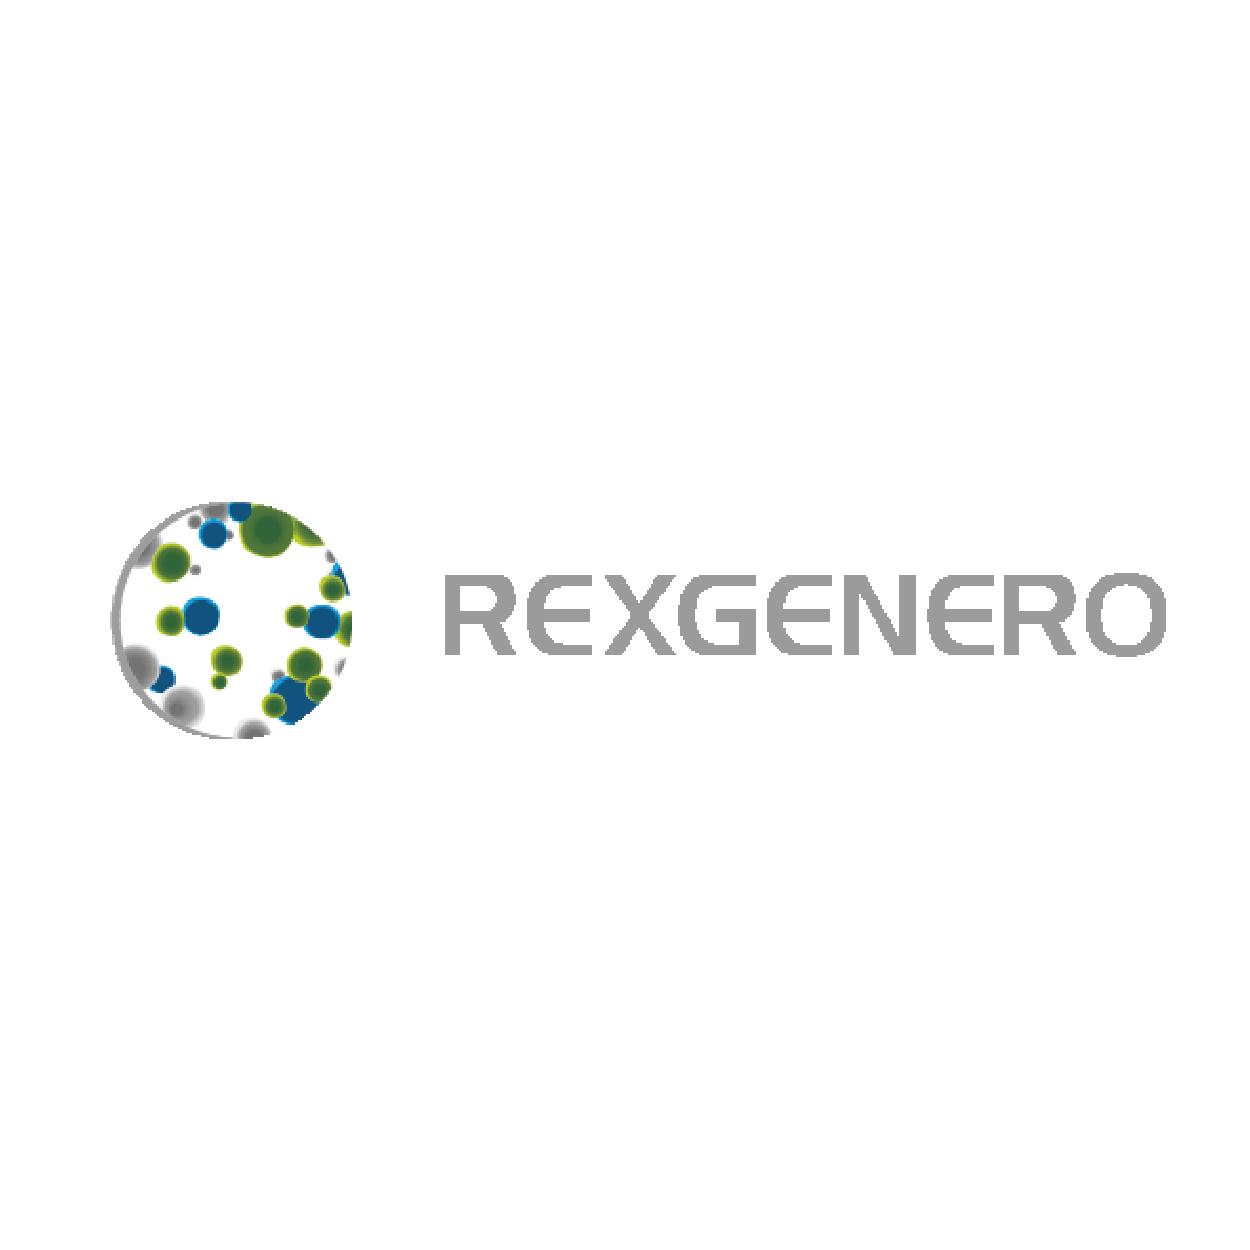 Rexgenero